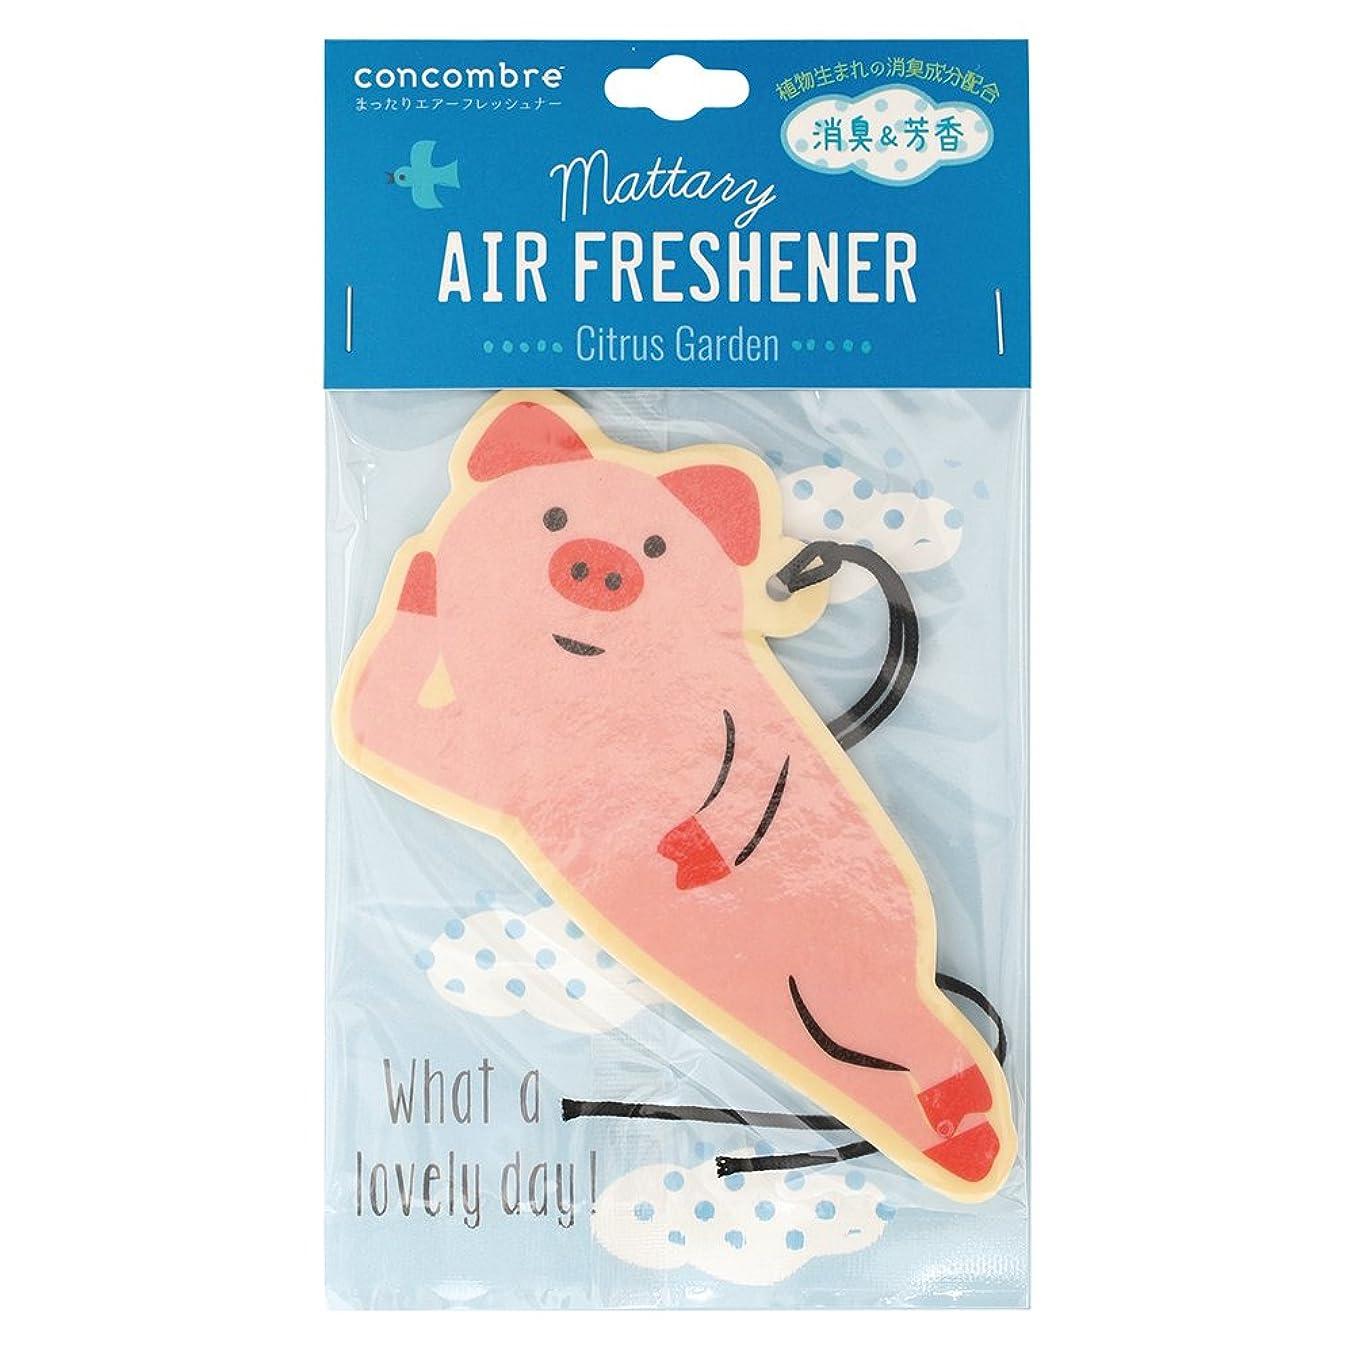 concombre 芳香剤 まったりエアーフレッシュナー 吊り下げ 消臭成分配合 シトラスの香り OA-DKA-5-2